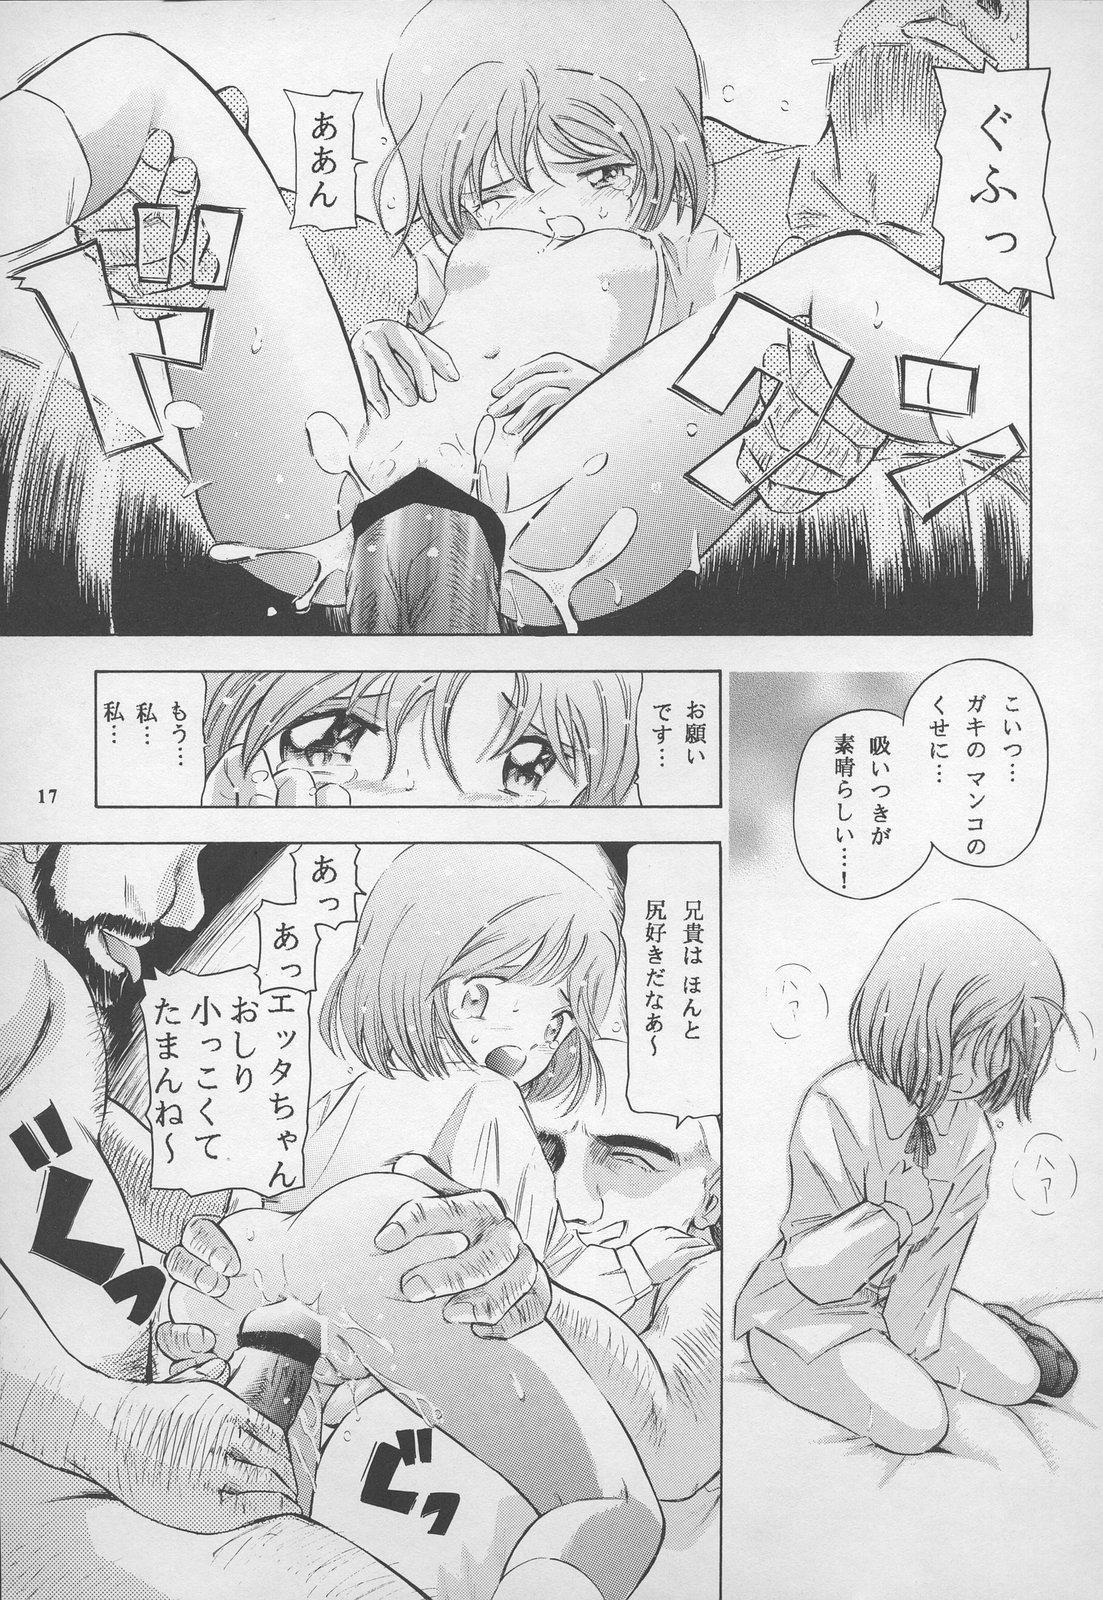 Minagoroshi no Tenshi 16